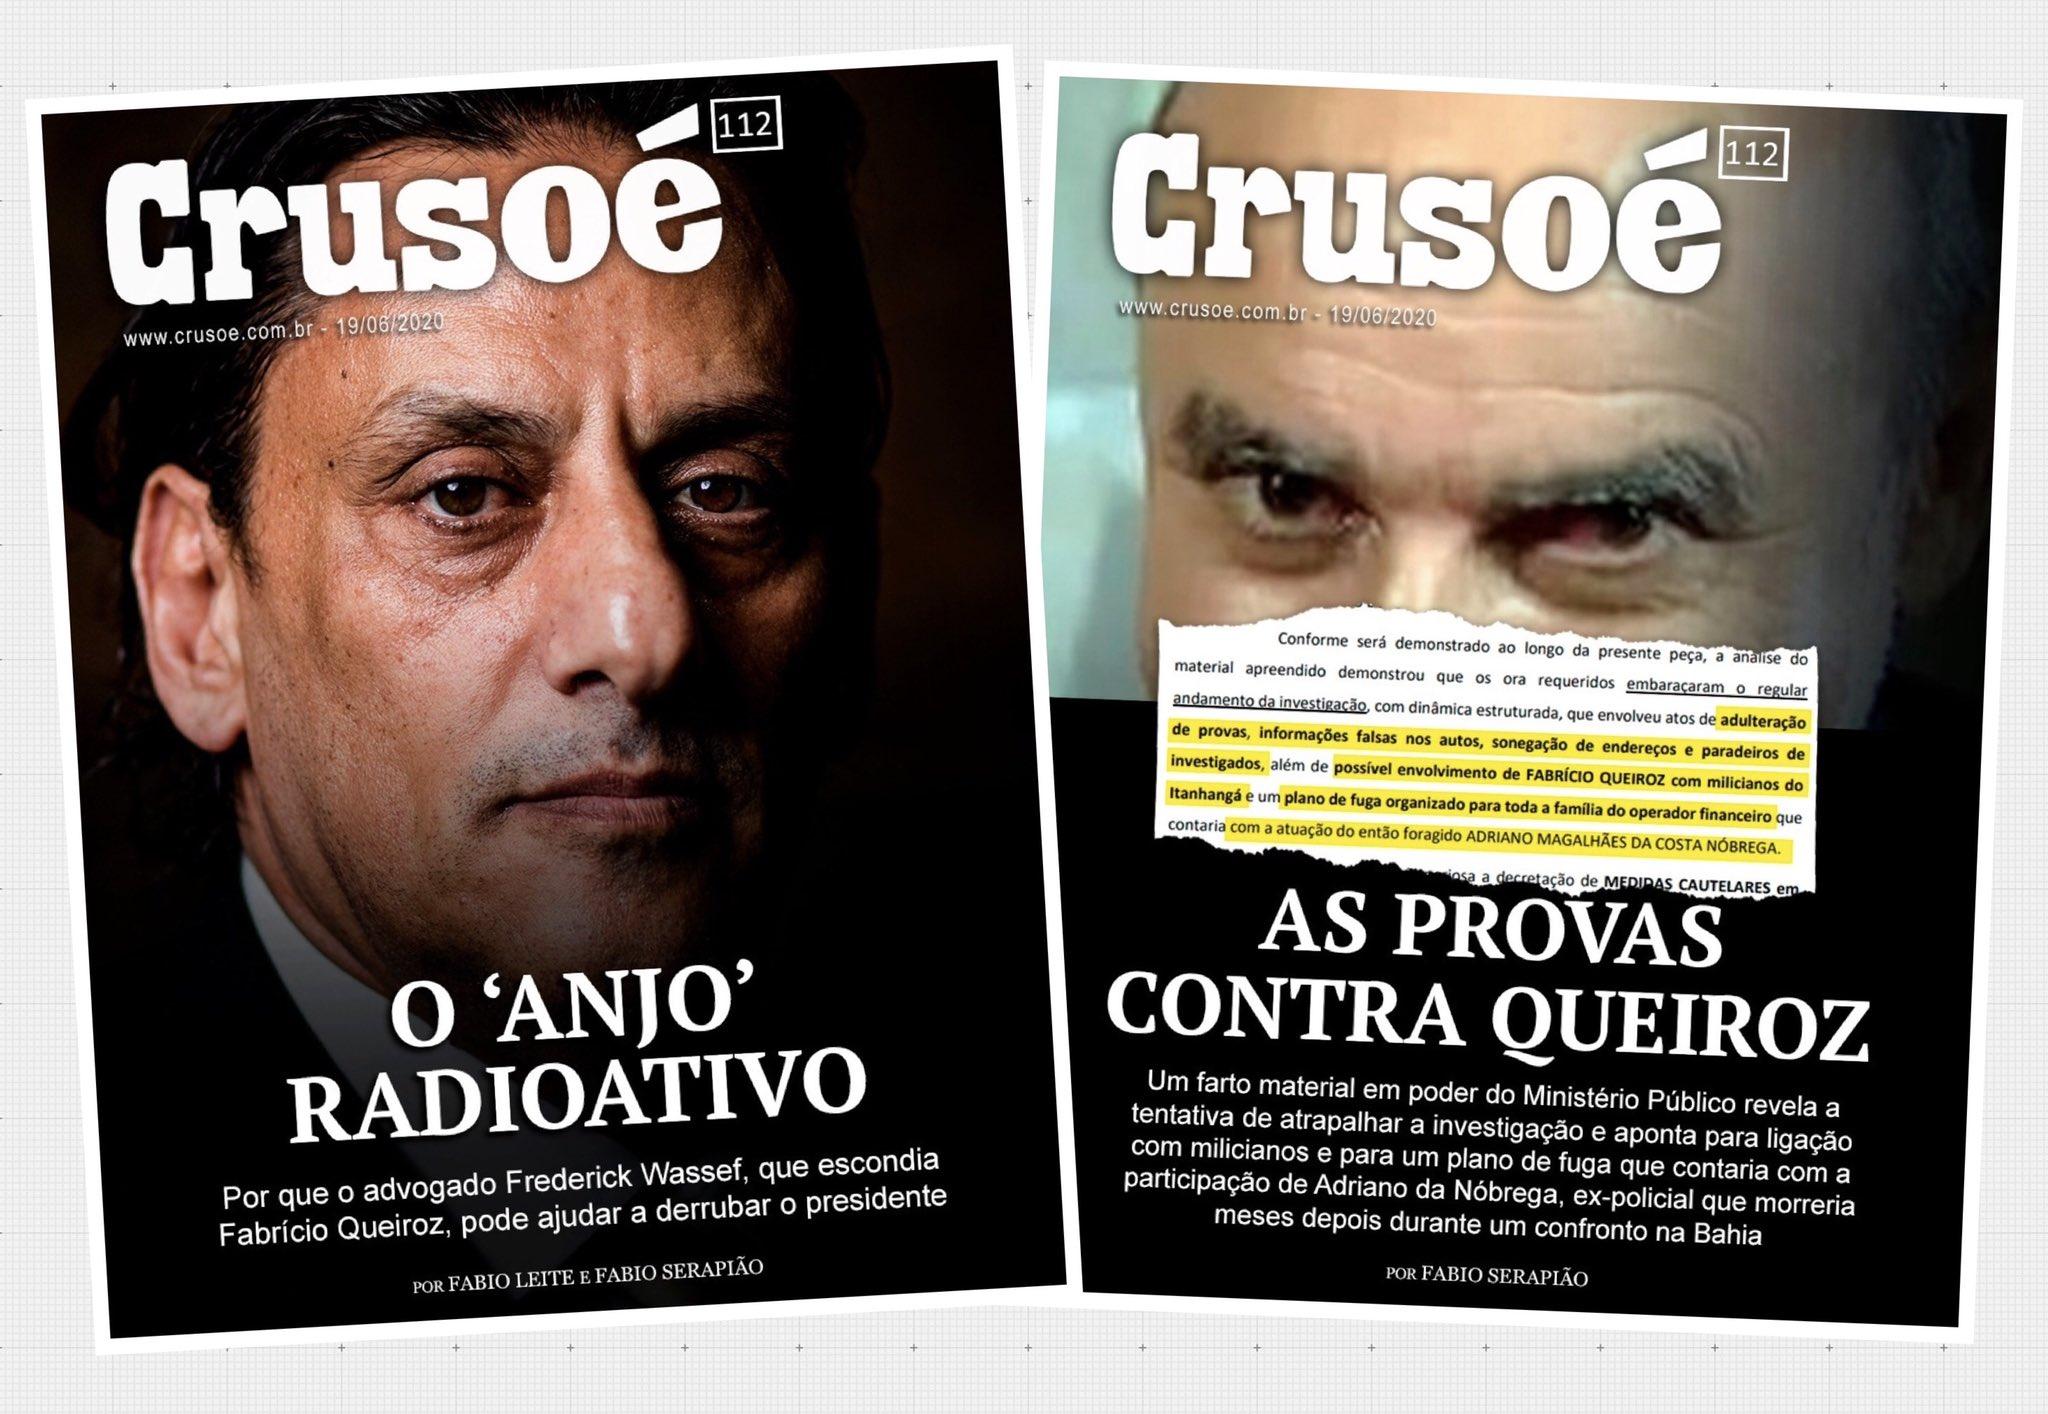 """Rodrigo Rangel on Twitter: """"A edição 112 da Crusoé, com duas capas ..."""